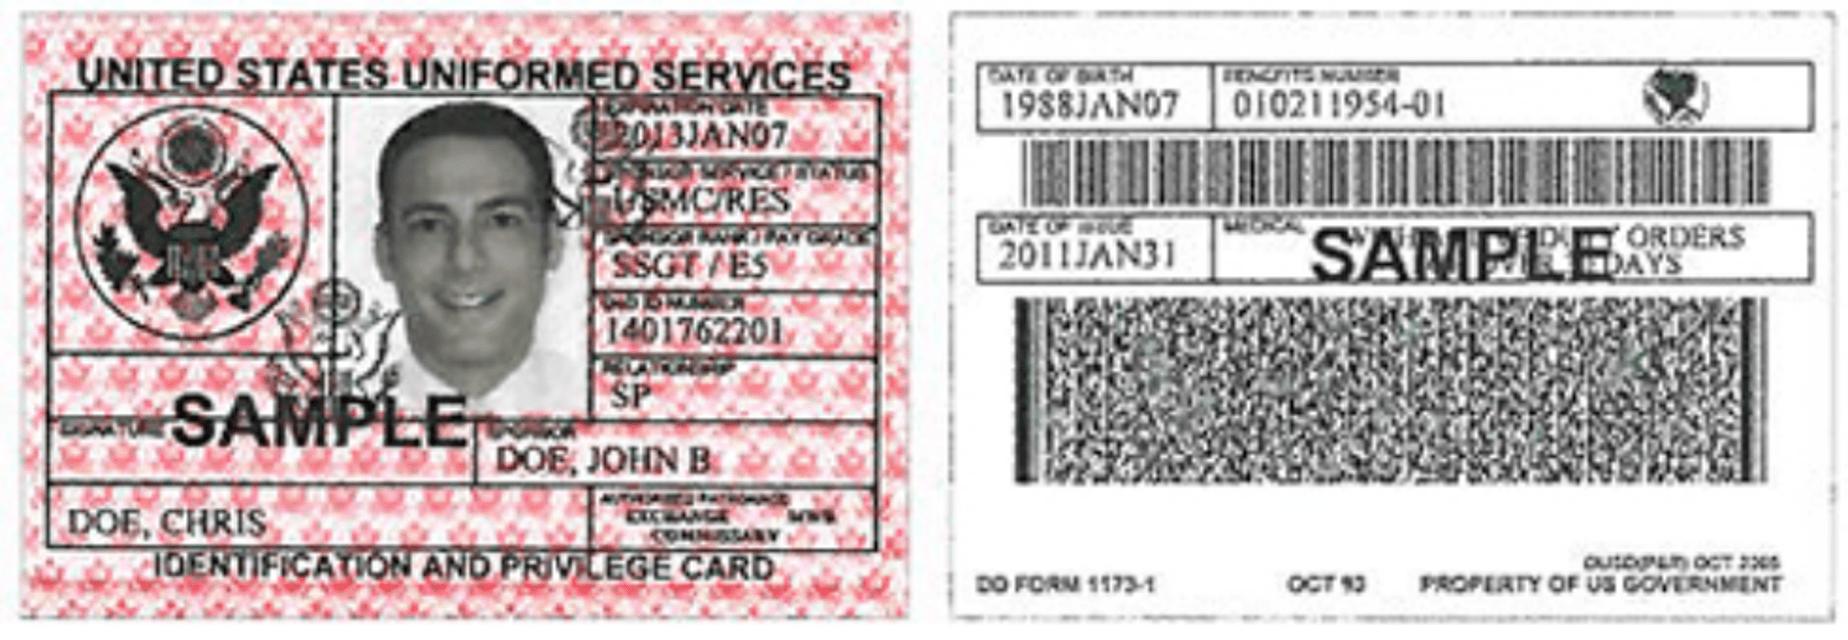 DD Form 1173-1 Printable Pdf